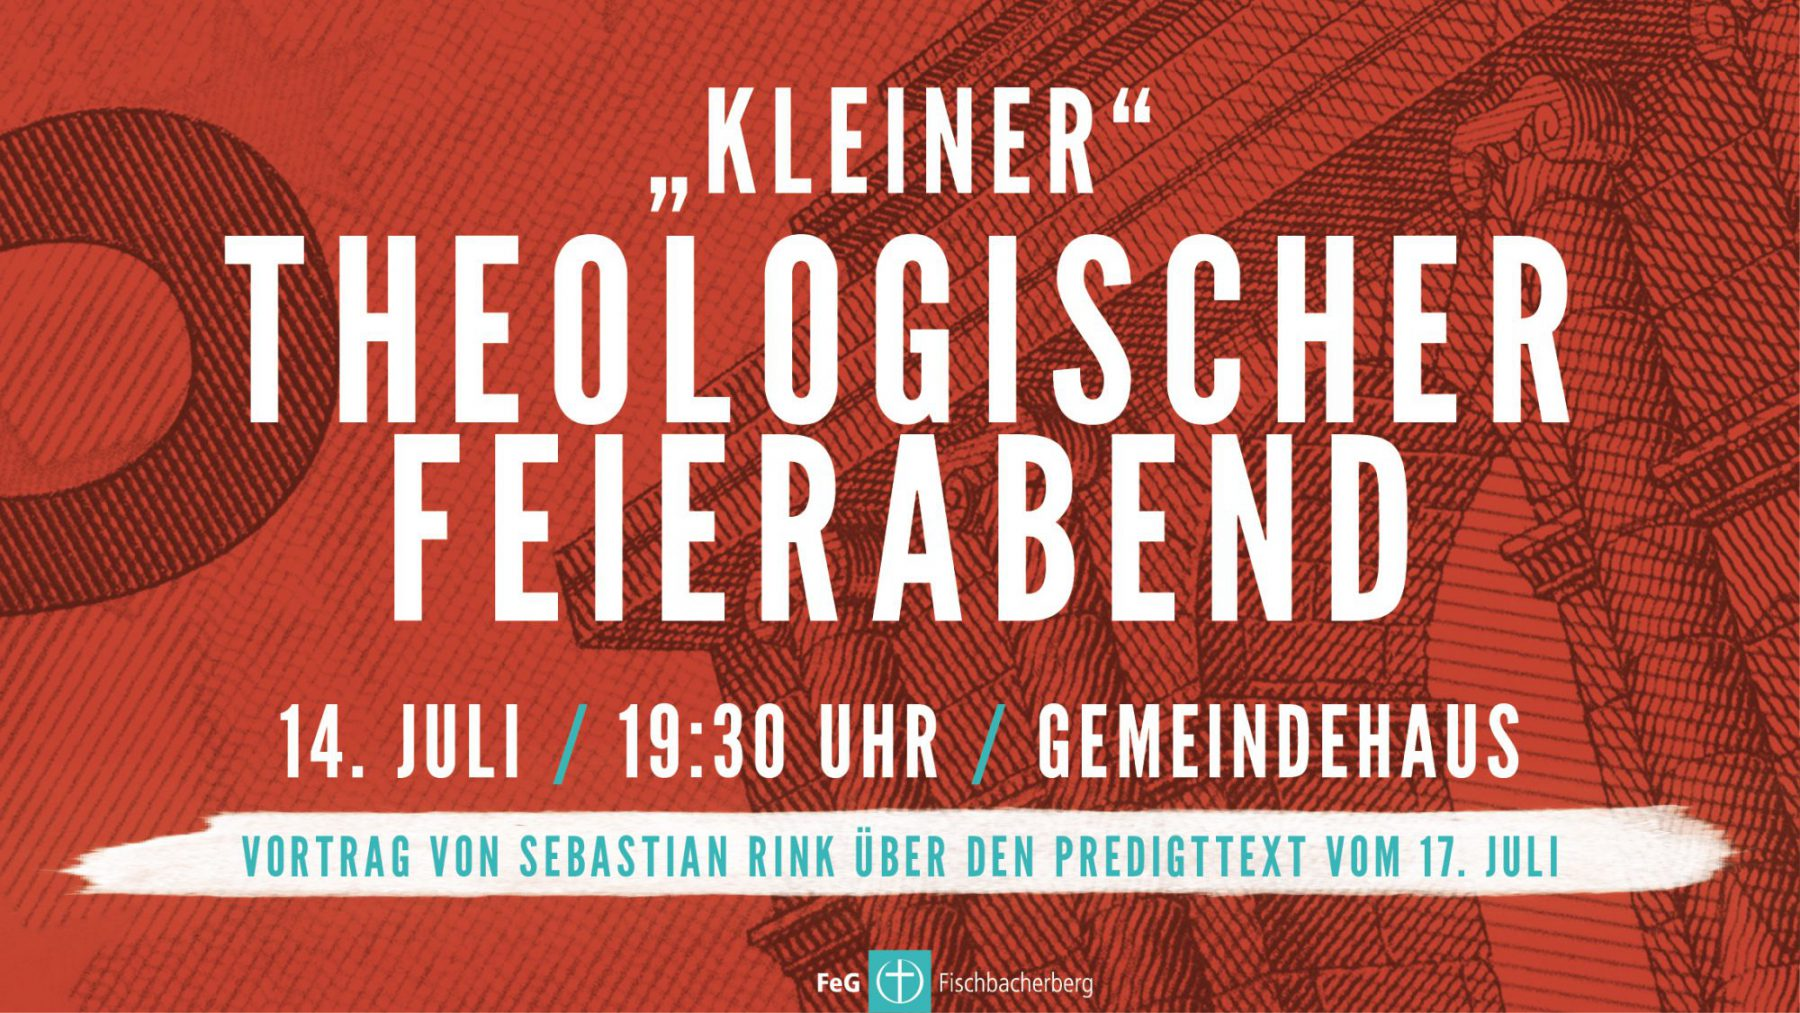 14. Juli: »Kleiner« Theologischer Feierabend